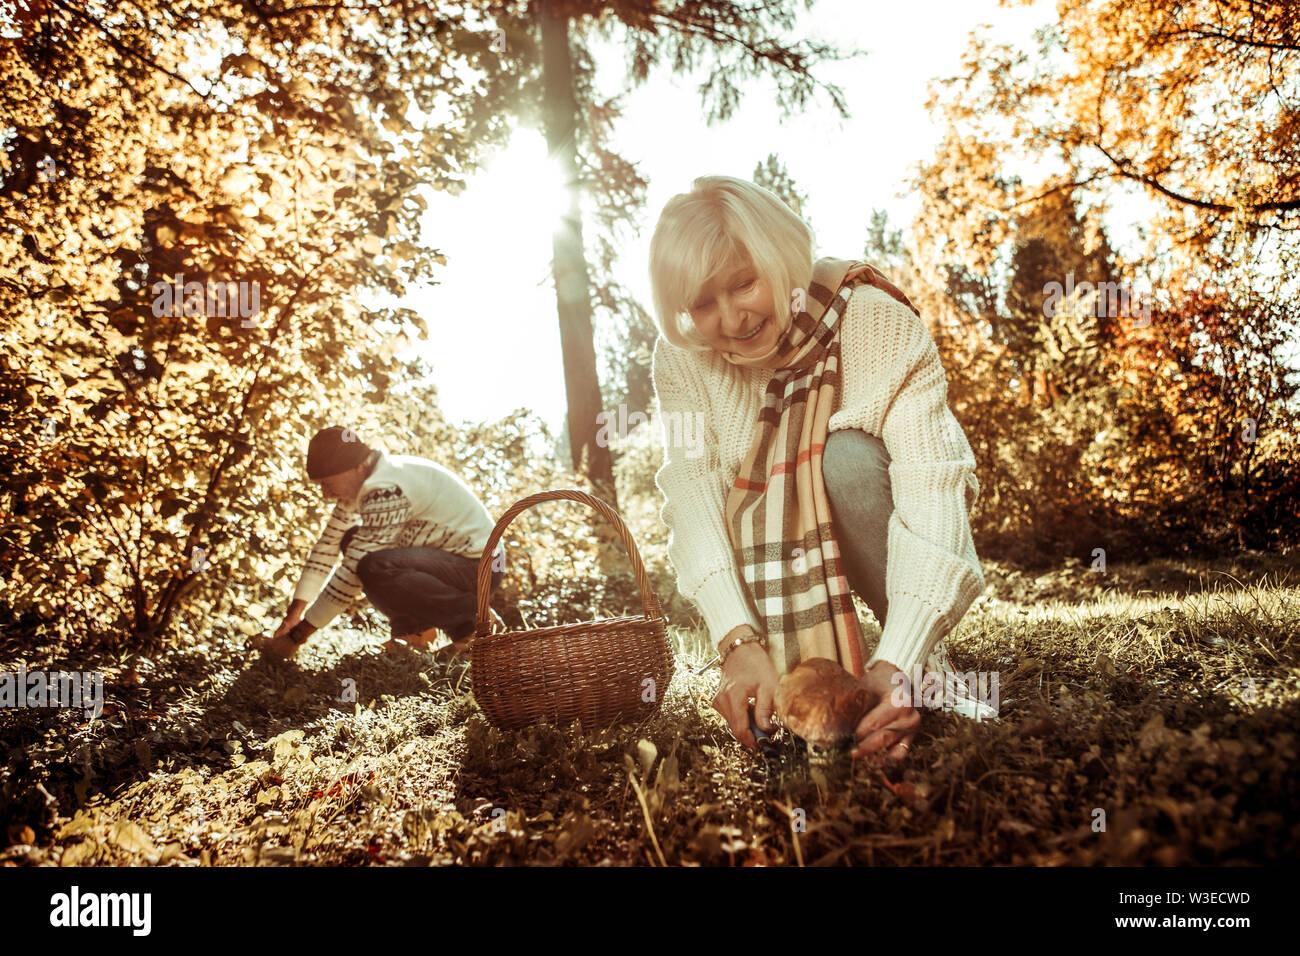 Femme souriante va couper un gros champignon. Photo Stock